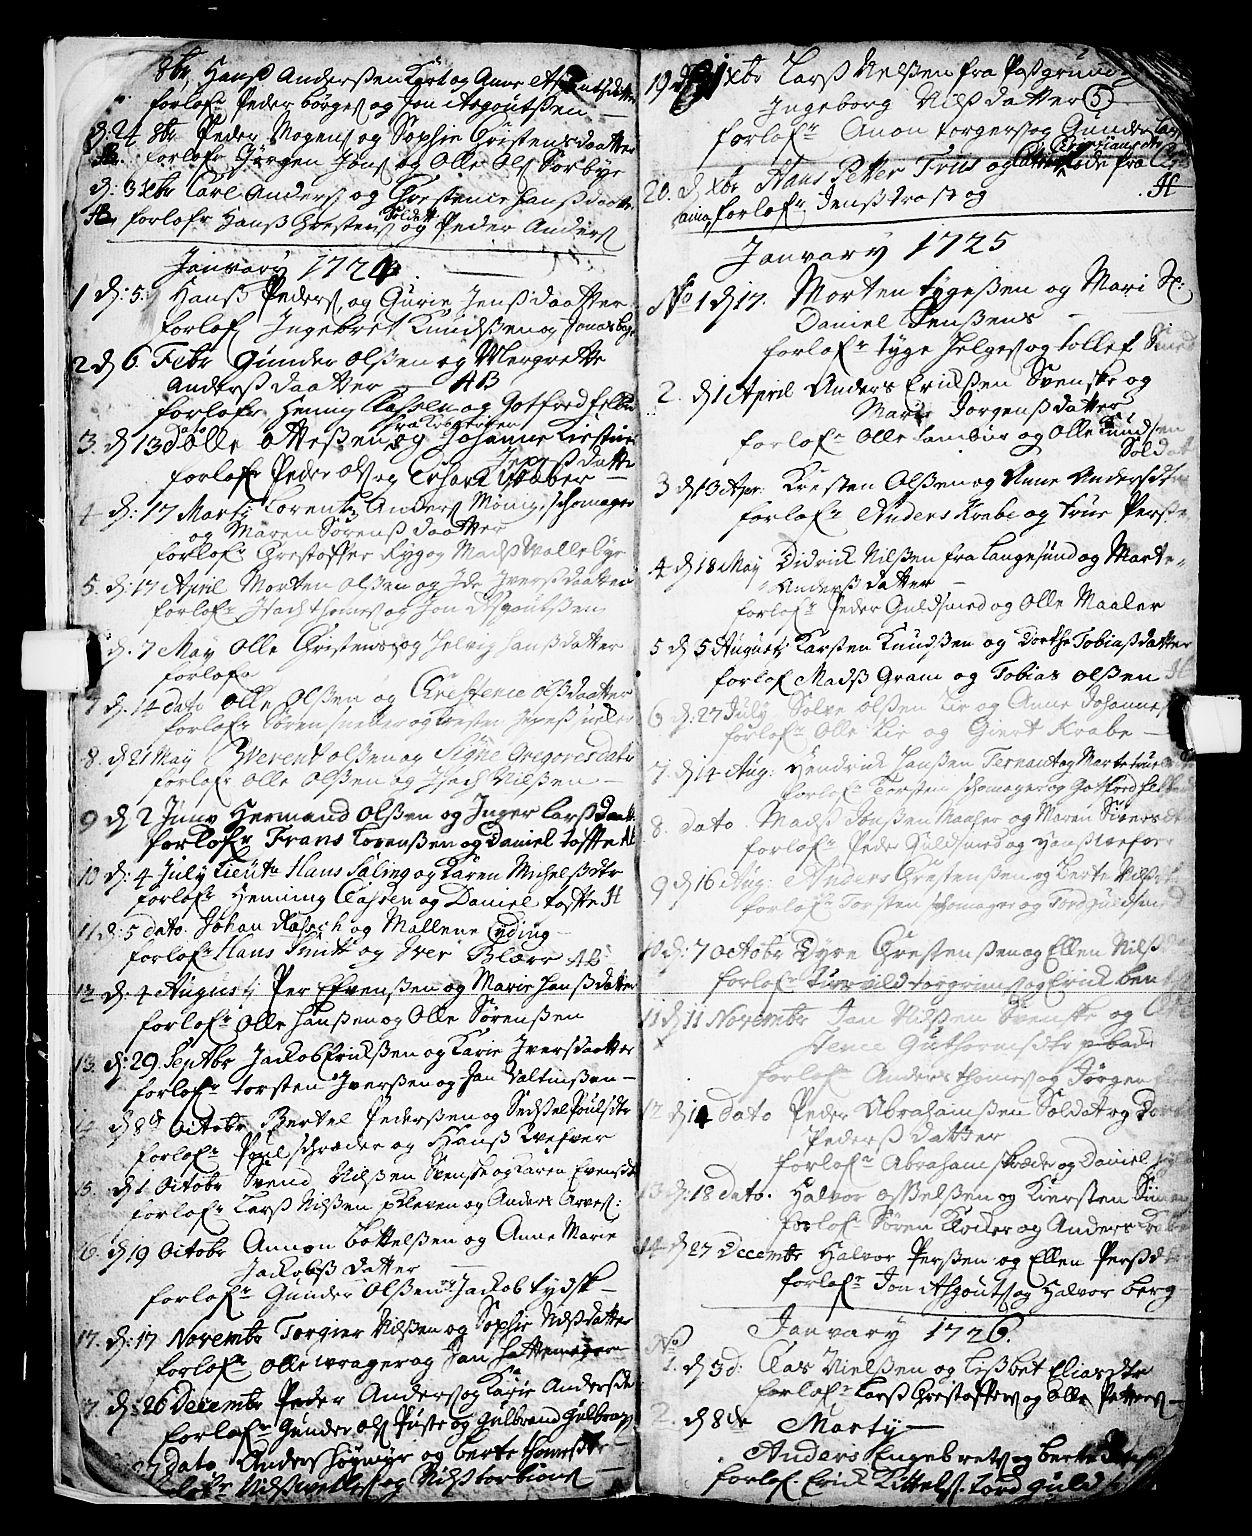 SAKO, Skien kirkebøker, F/Fa/L0002: Ministerialbok nr. 2, 1716-1757, s. 5